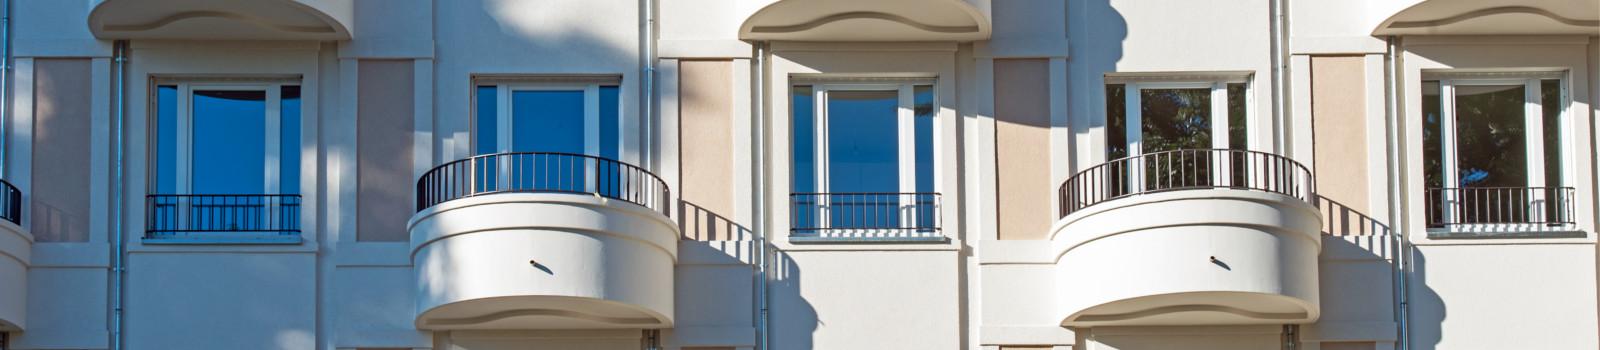 Eine komplett sanierte Fassade von der Omega-Spezialbau GmbH